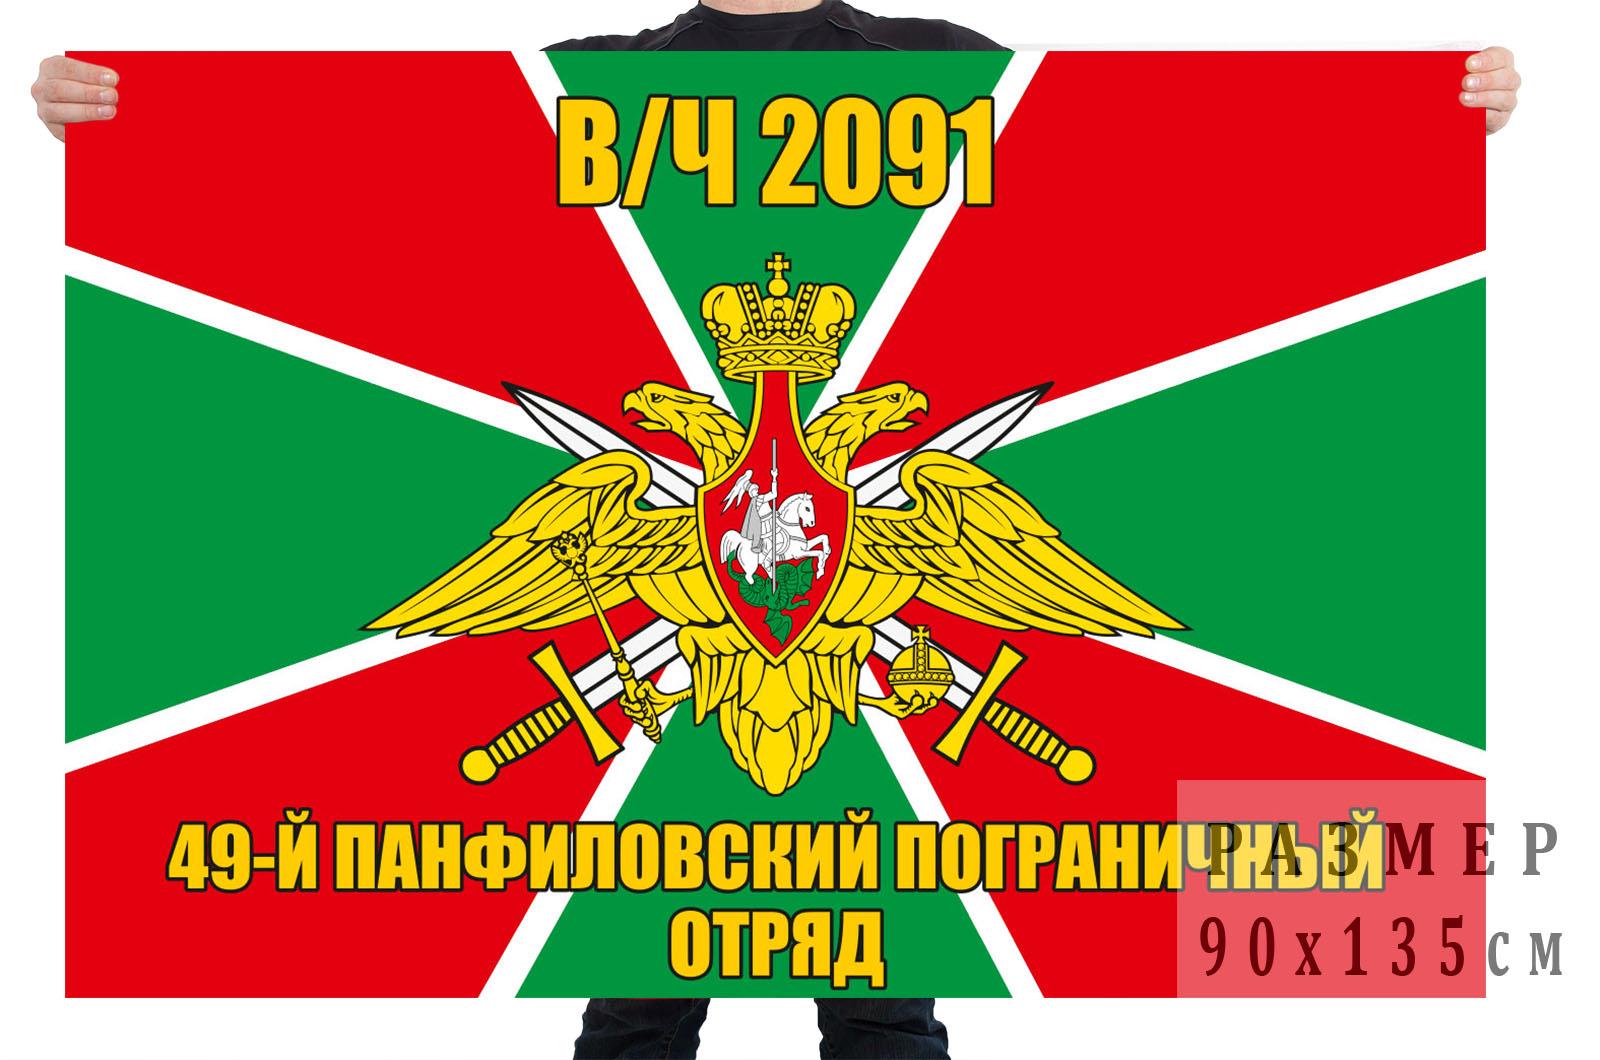 Флаг 49 Панфиловского пограничного отряда